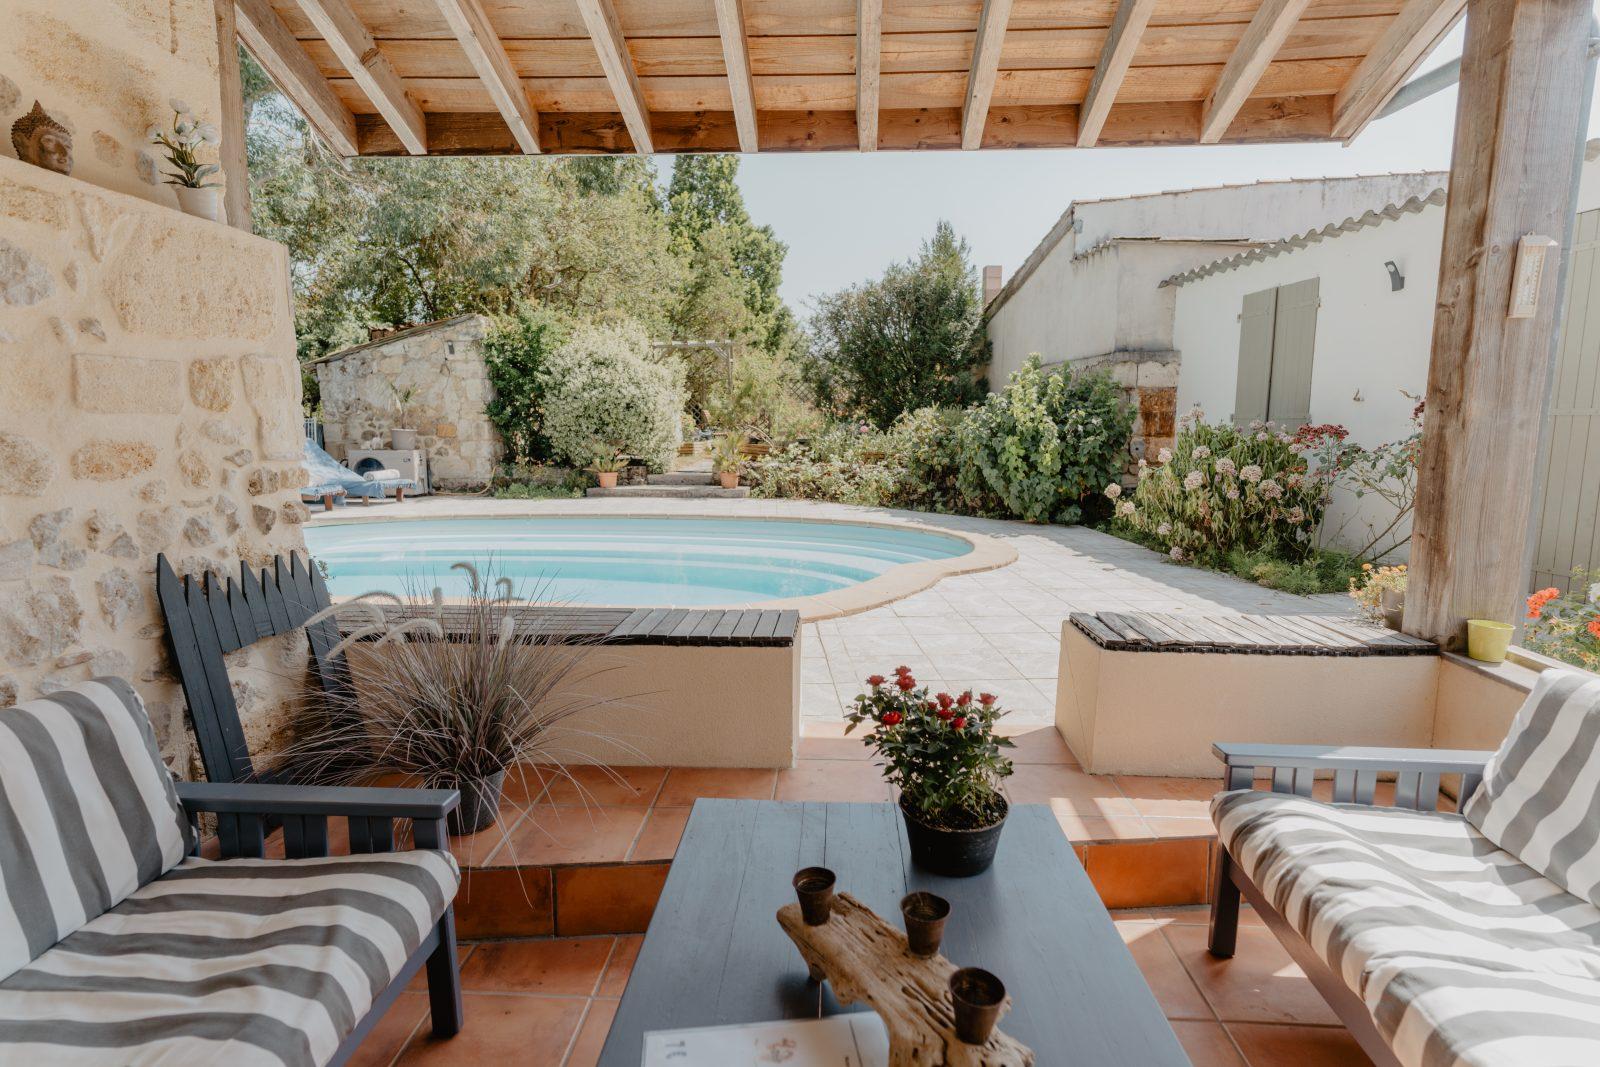 Pause près de la piscine – Le Coeur des Vignes Pauillac